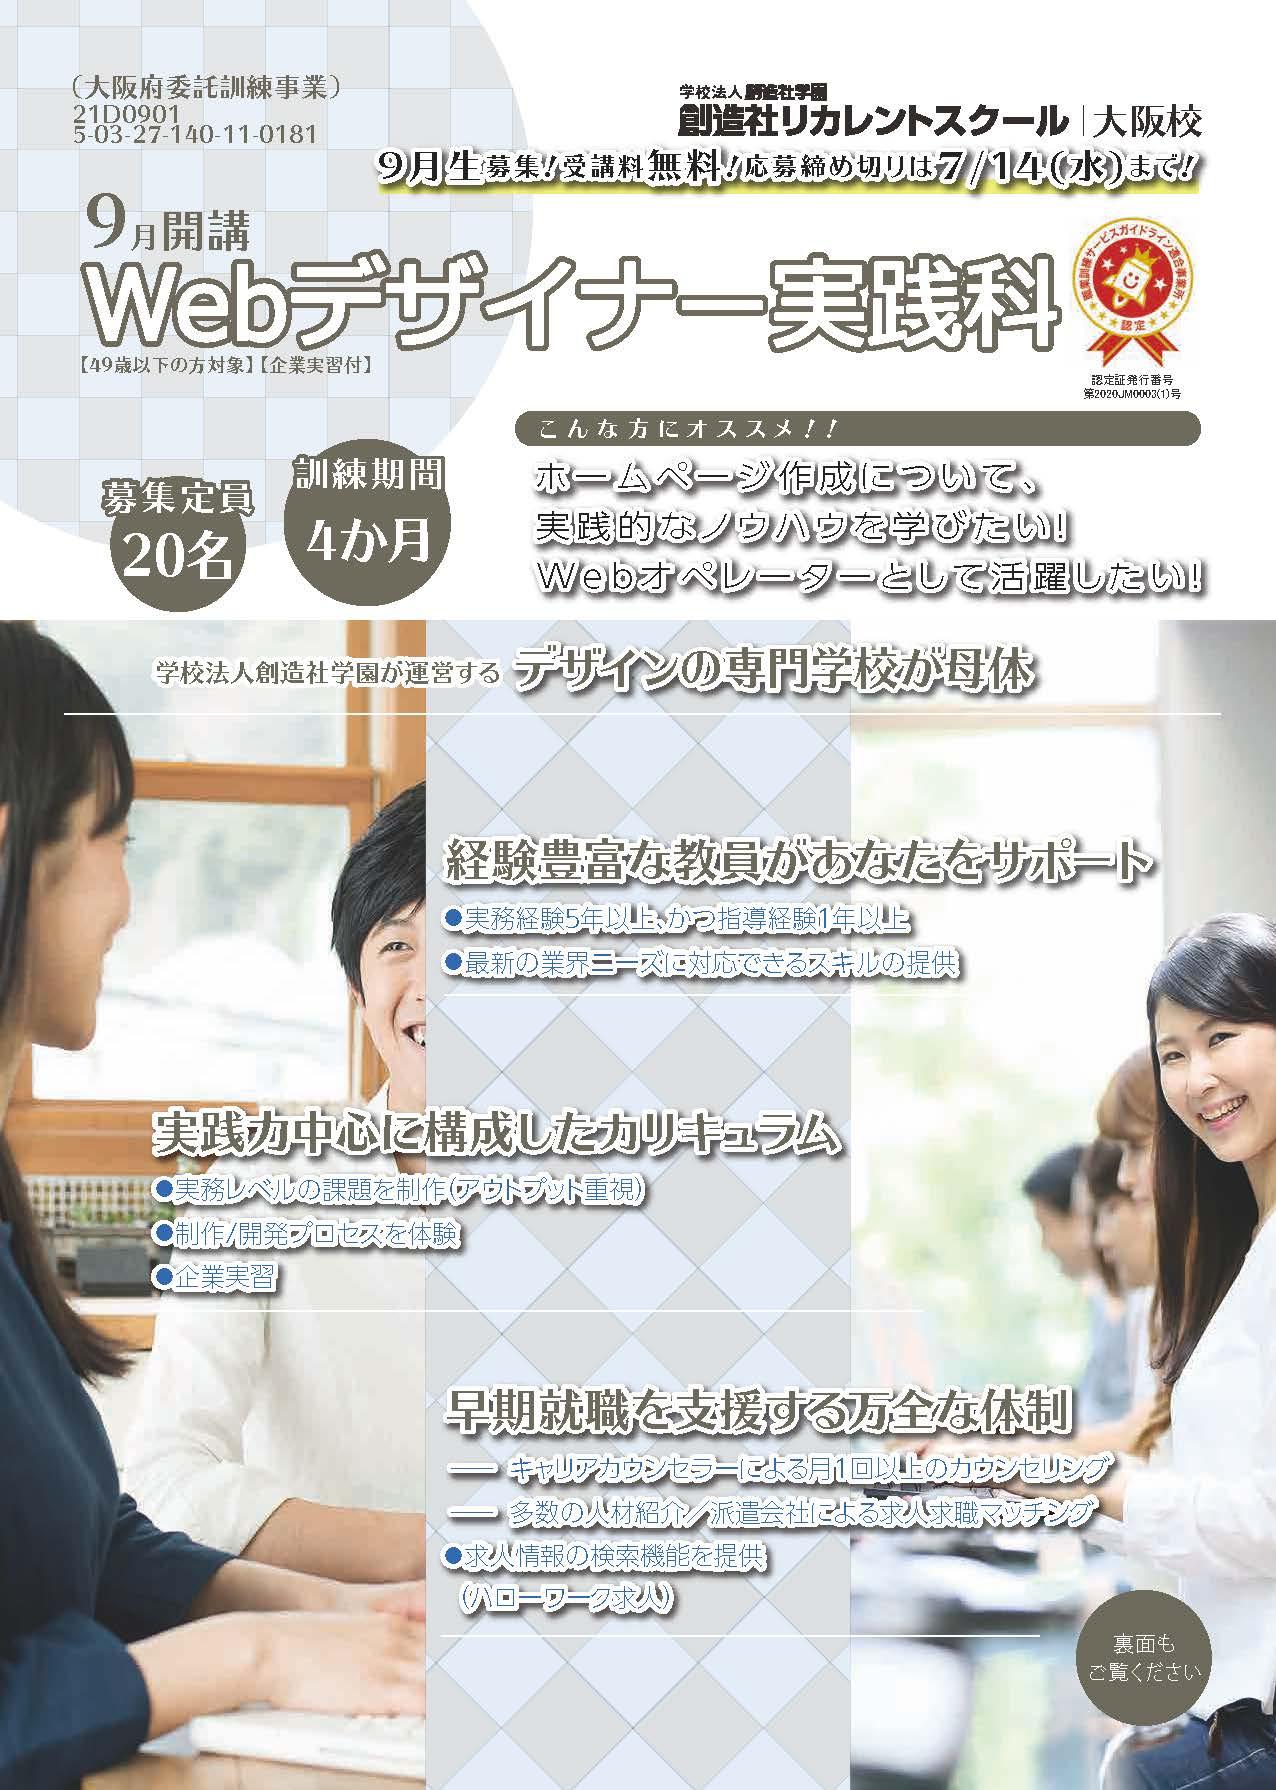 学校法人創造社学園創造社リカレントスクール Webデザイナー実践科(4か月) 【49歳以下の方対象】